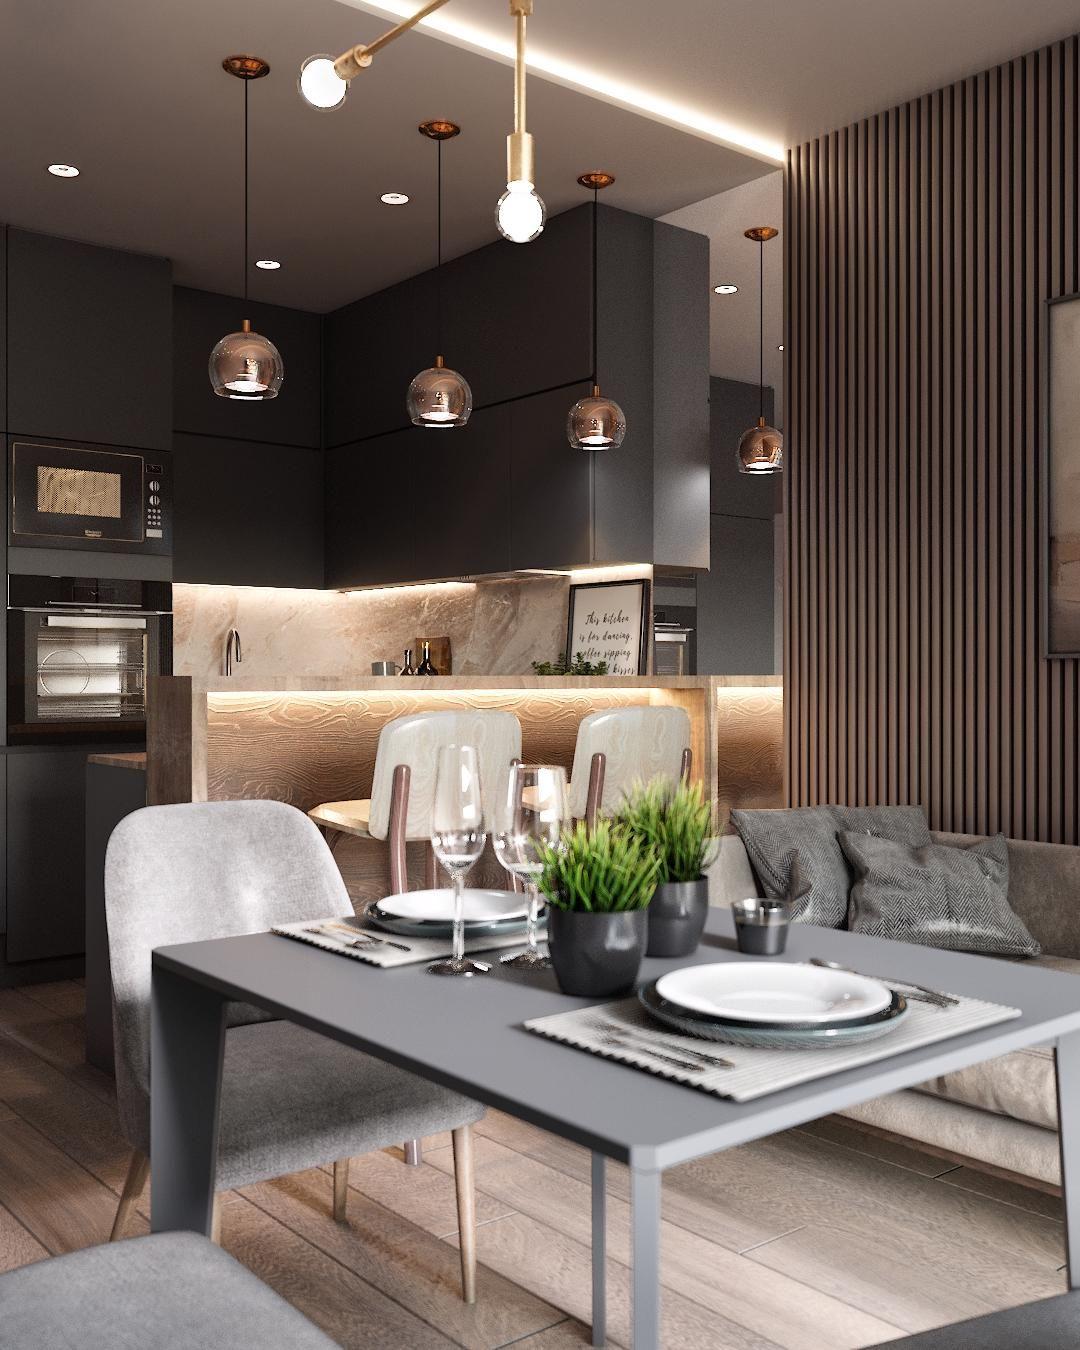 Дизайн комнаты серый цвет. Современная квартира. С